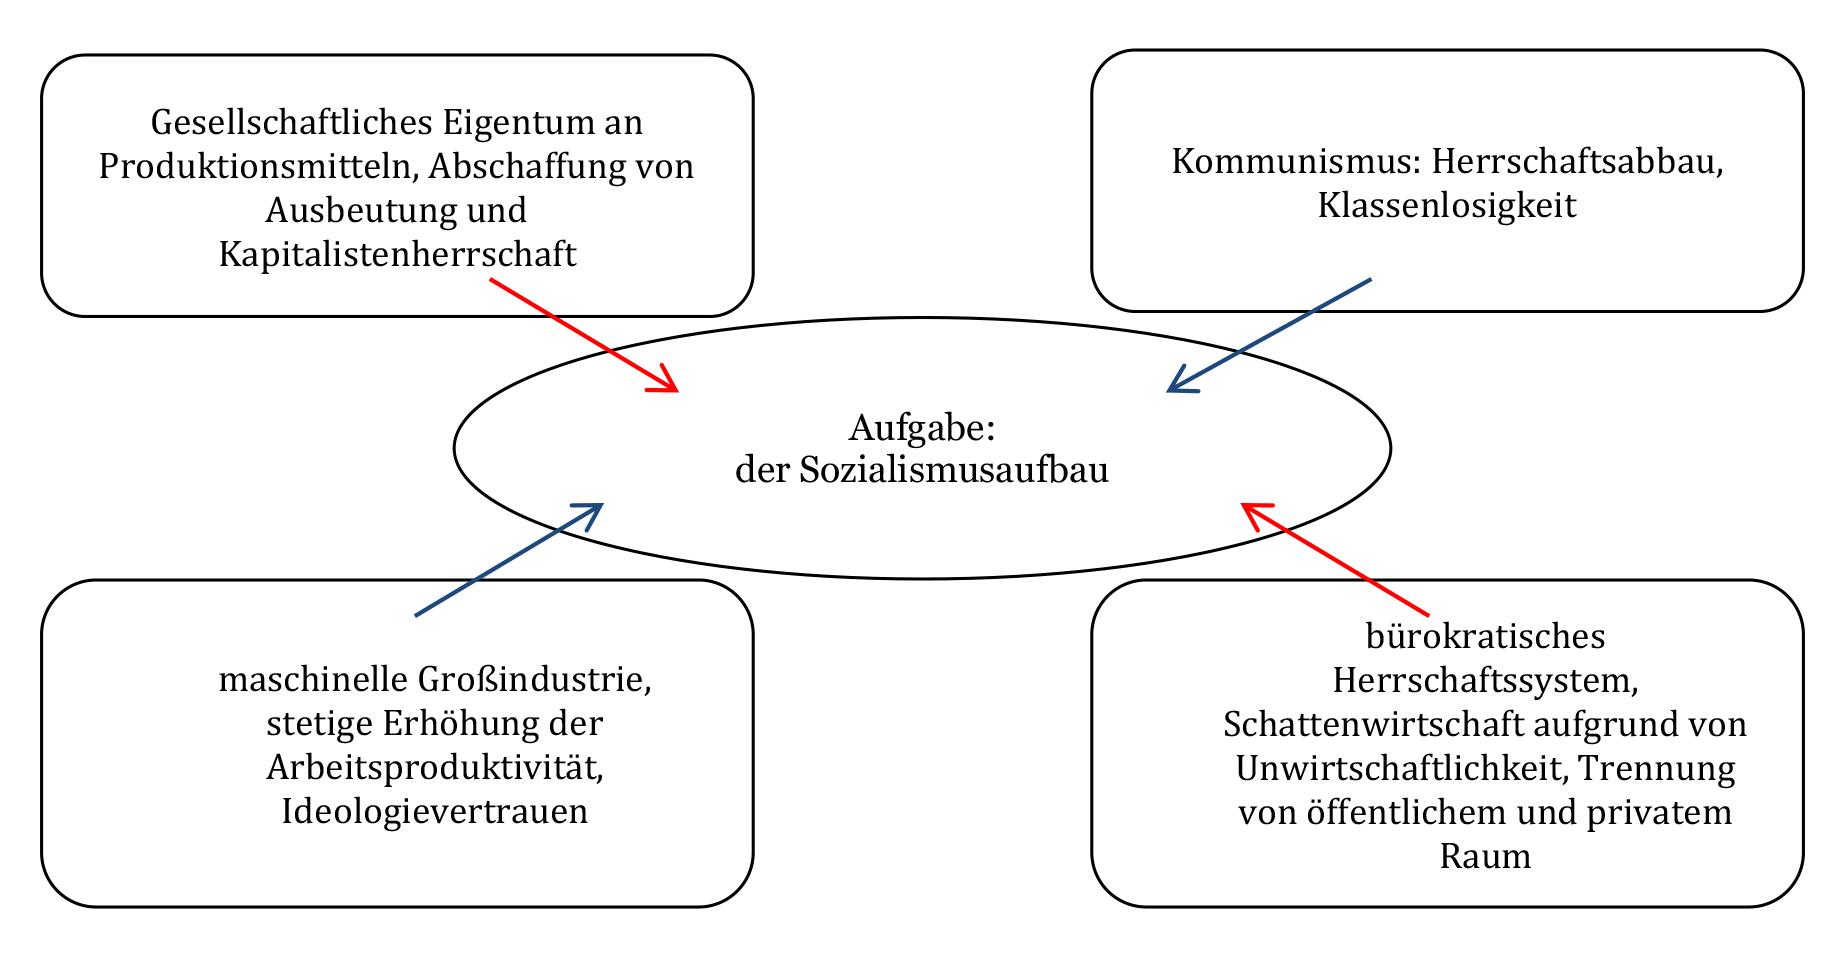 Der Sozialismus als Aufgabe